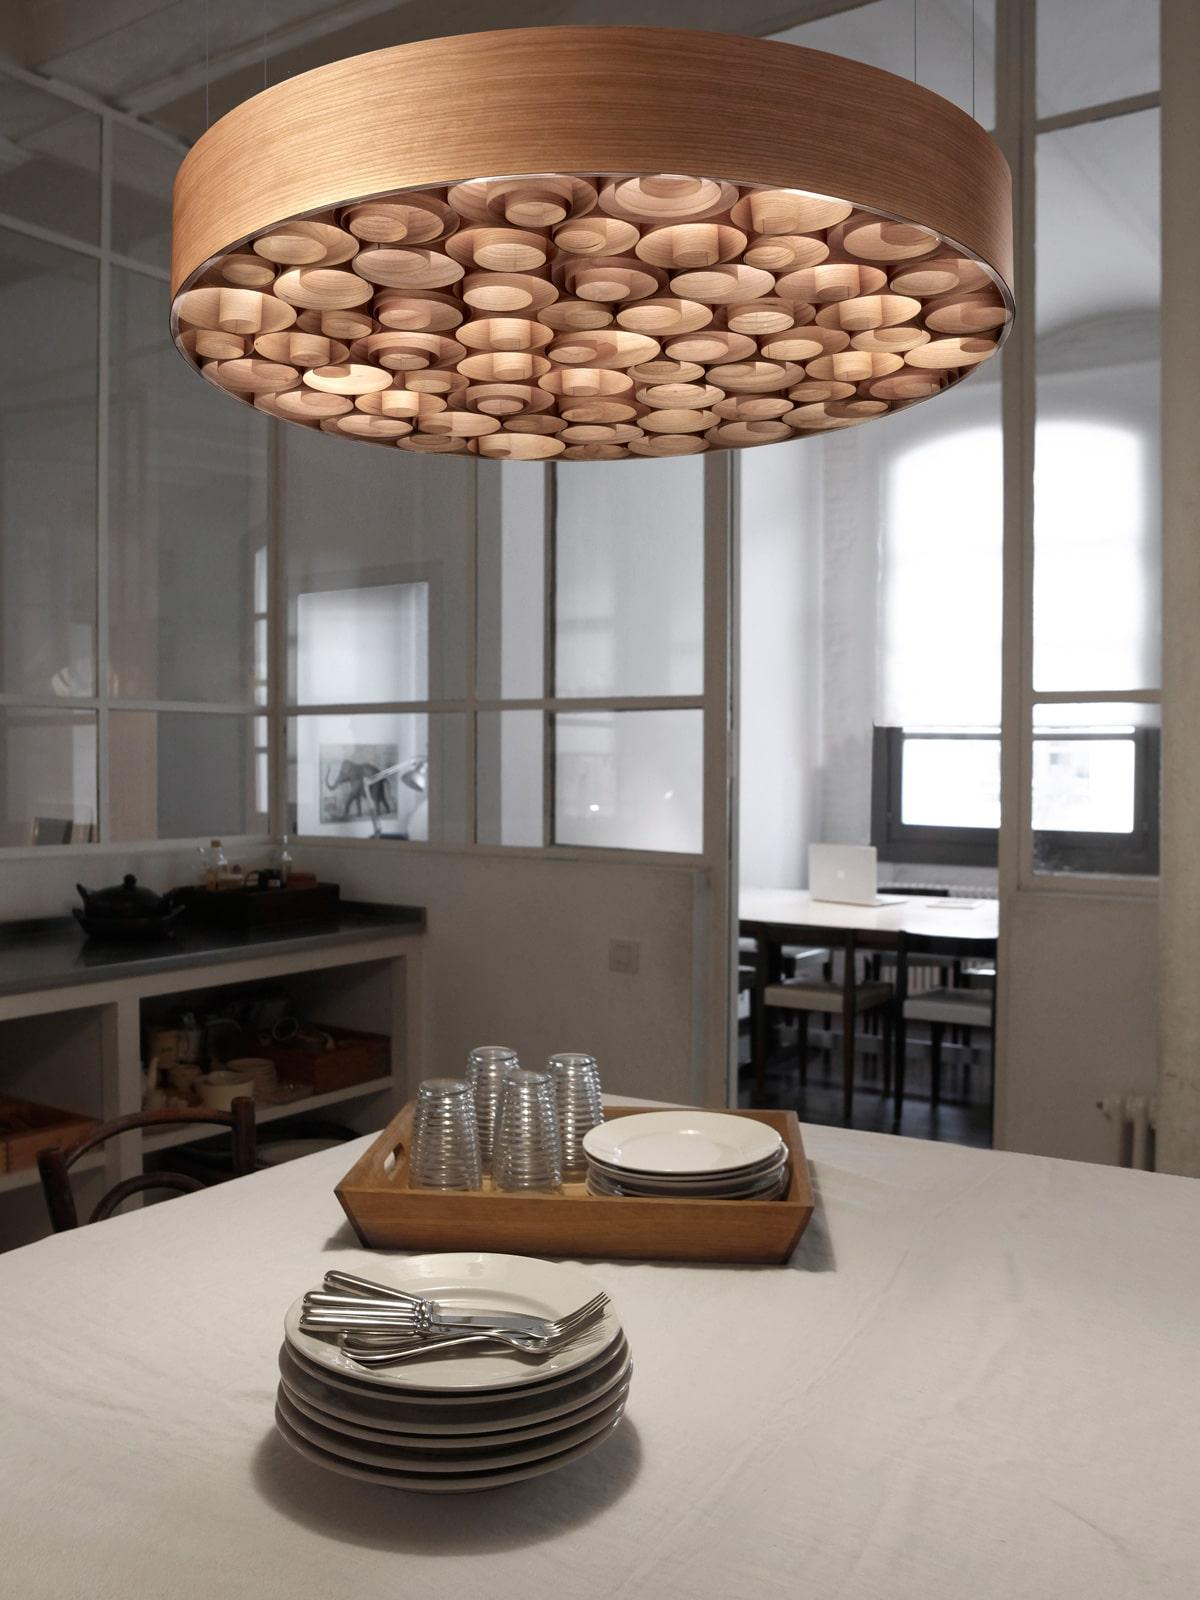 DesignOrt Blog: Faszination Farbe: Holzfurnier von LZF Lamps Spiro in Kirsche